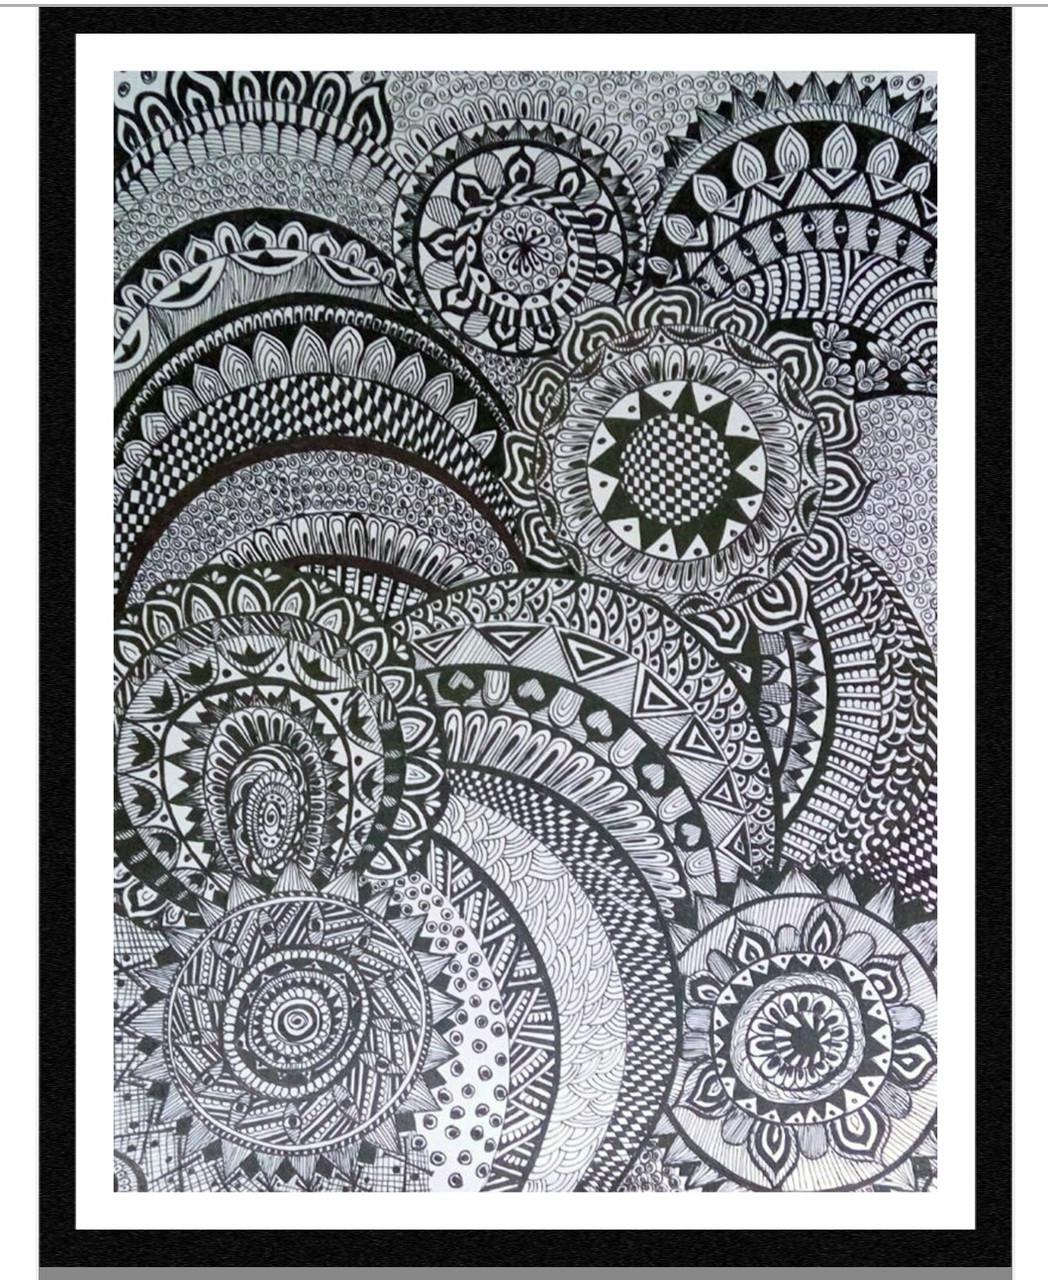 Buy Mandala Art Handmade Painting By Munira Doriwala Code